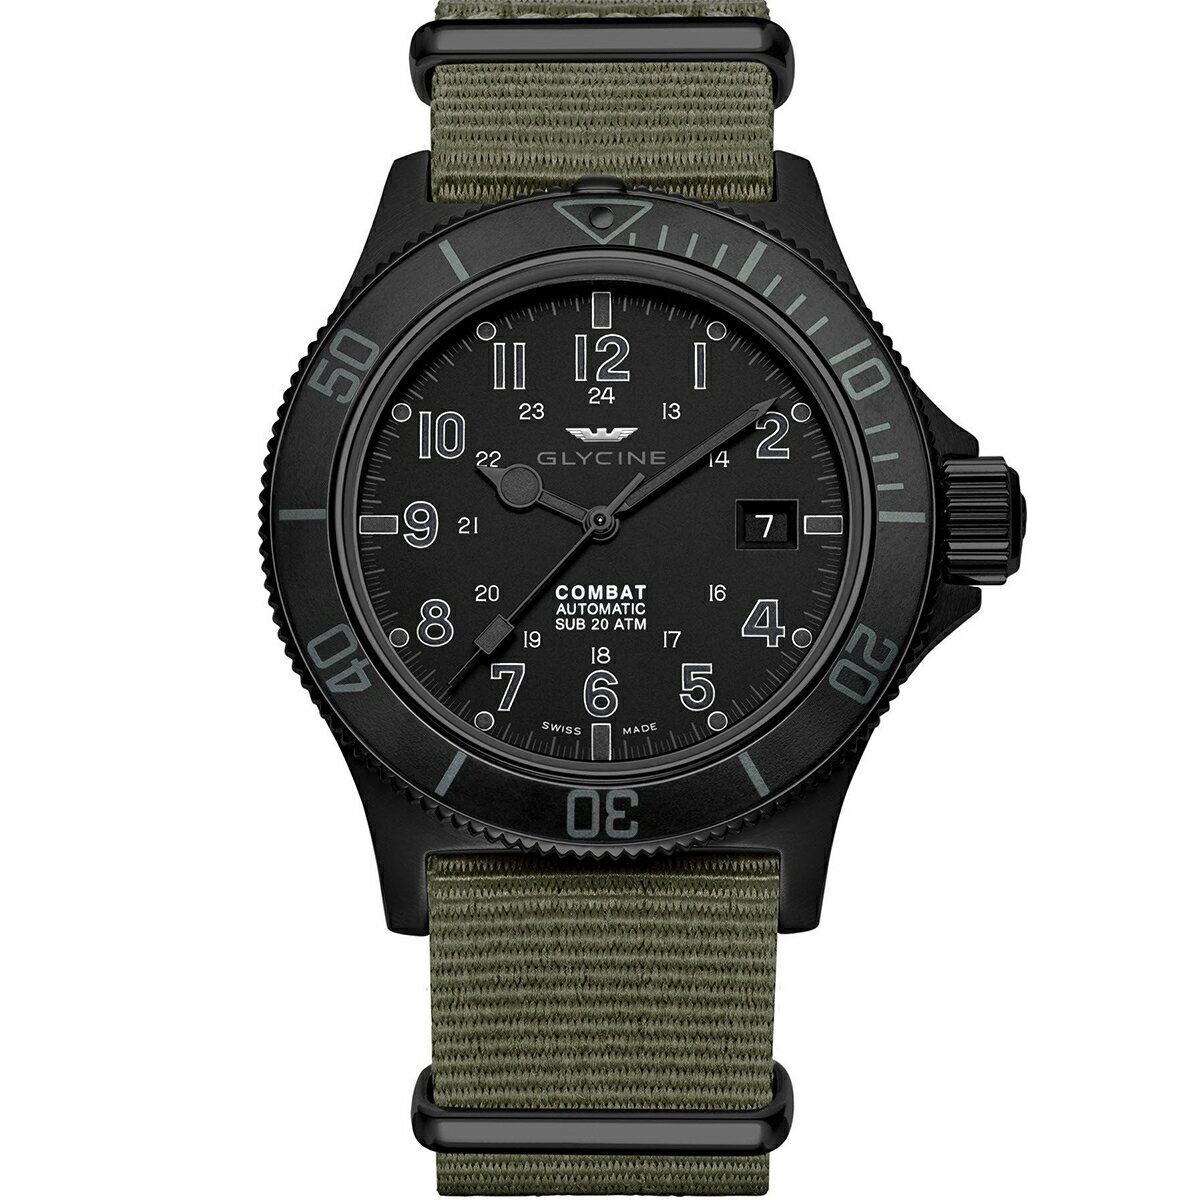 グライシン グリシン GLYCINE コンバット サブ COMBAT SUB 42 GL0084 メンズ 時計 腕時計 自動巻き オートマチック スイス製 スイスメイド パイロット